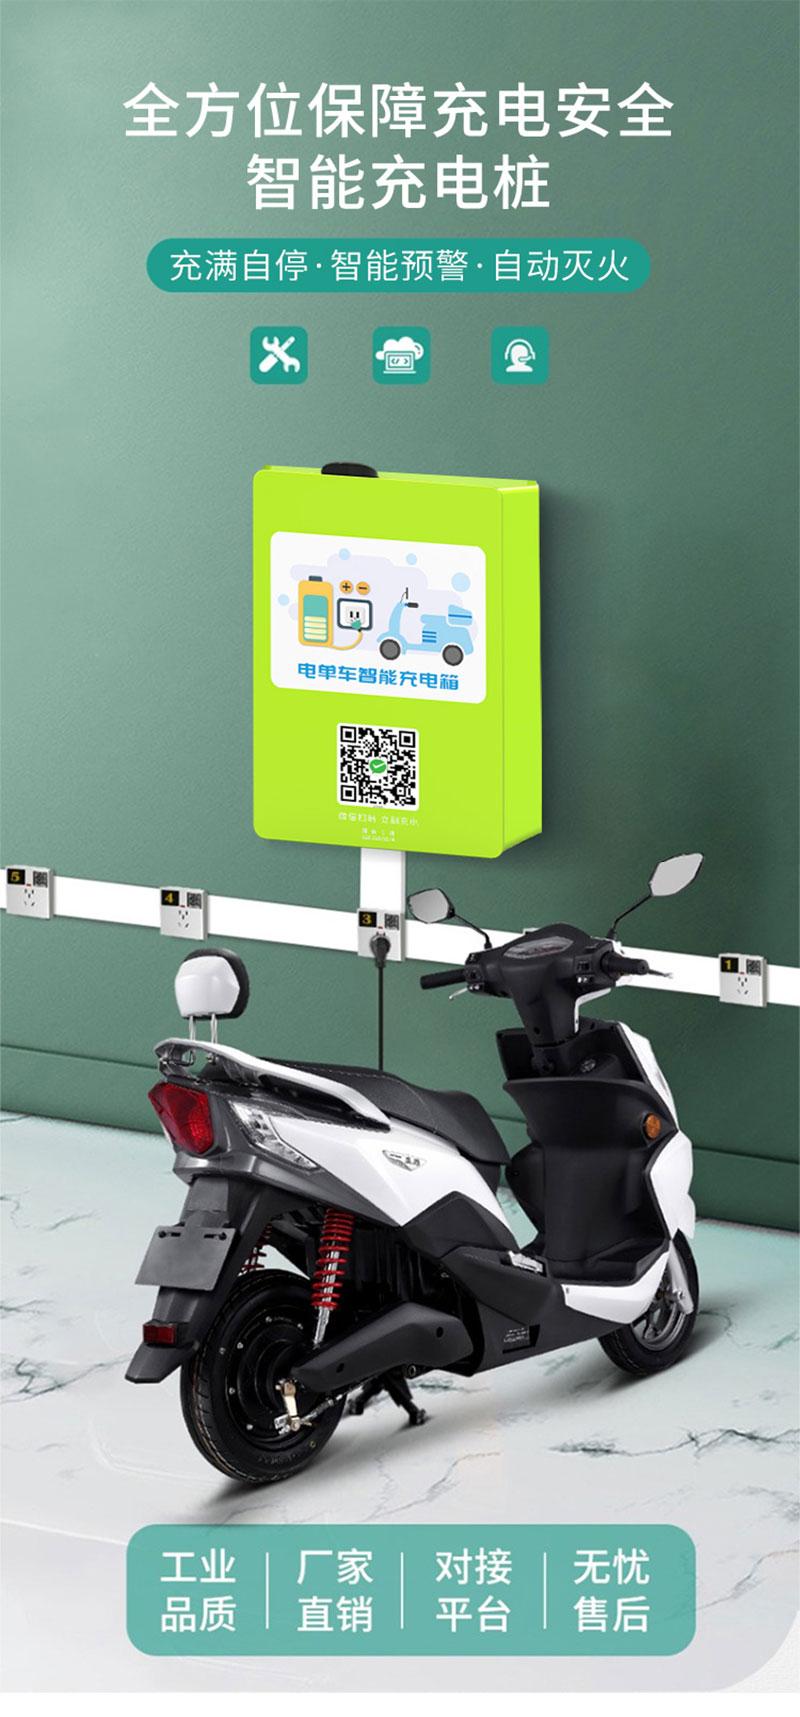 电动自行车智能充电桩-充满自停-智能预警-自动灭火-广州磐众智能科技有限公司